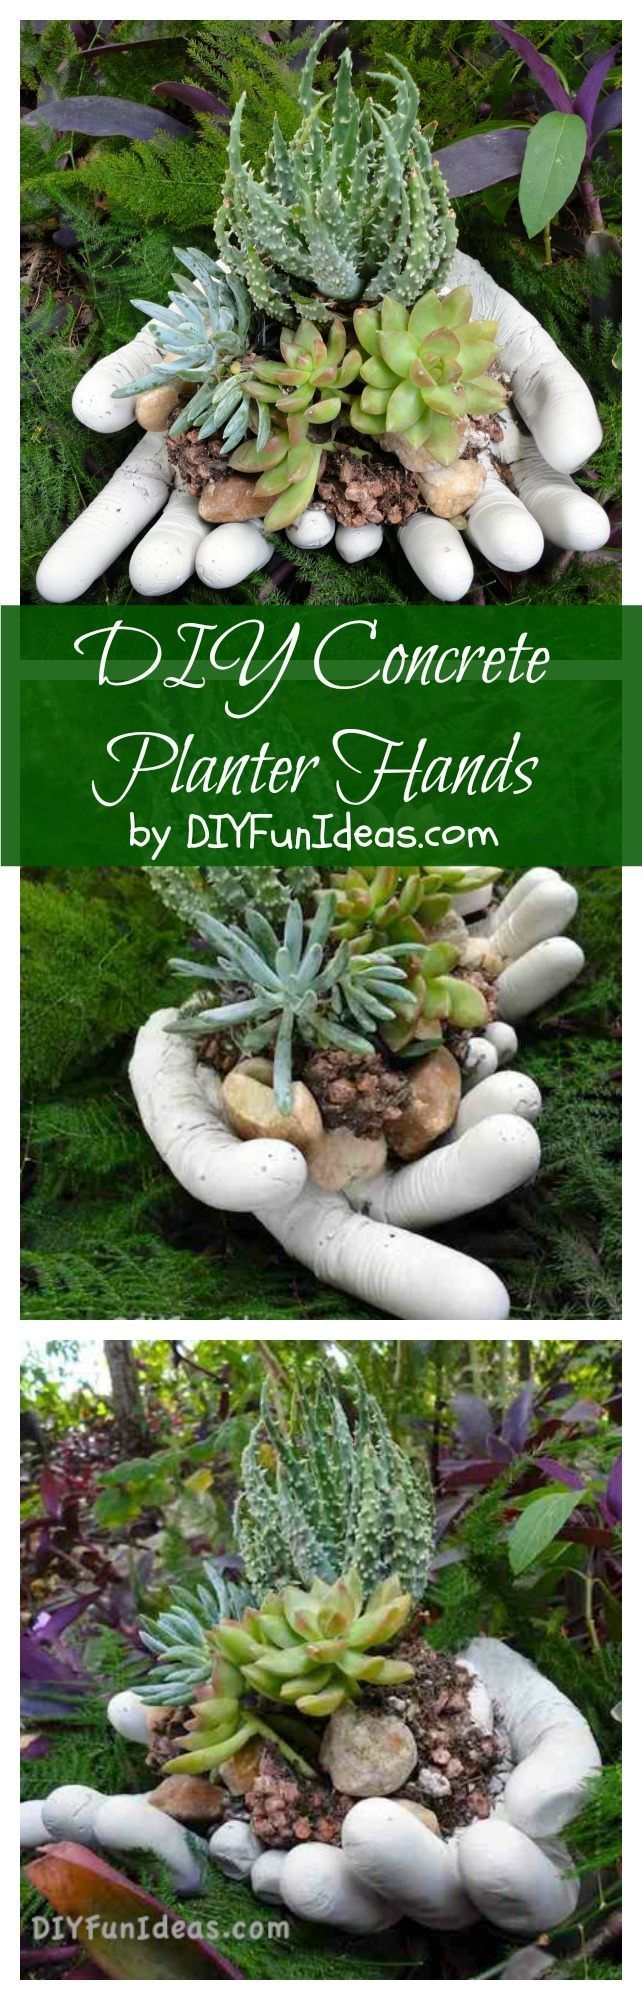 DIY succulent concrete planter hands: